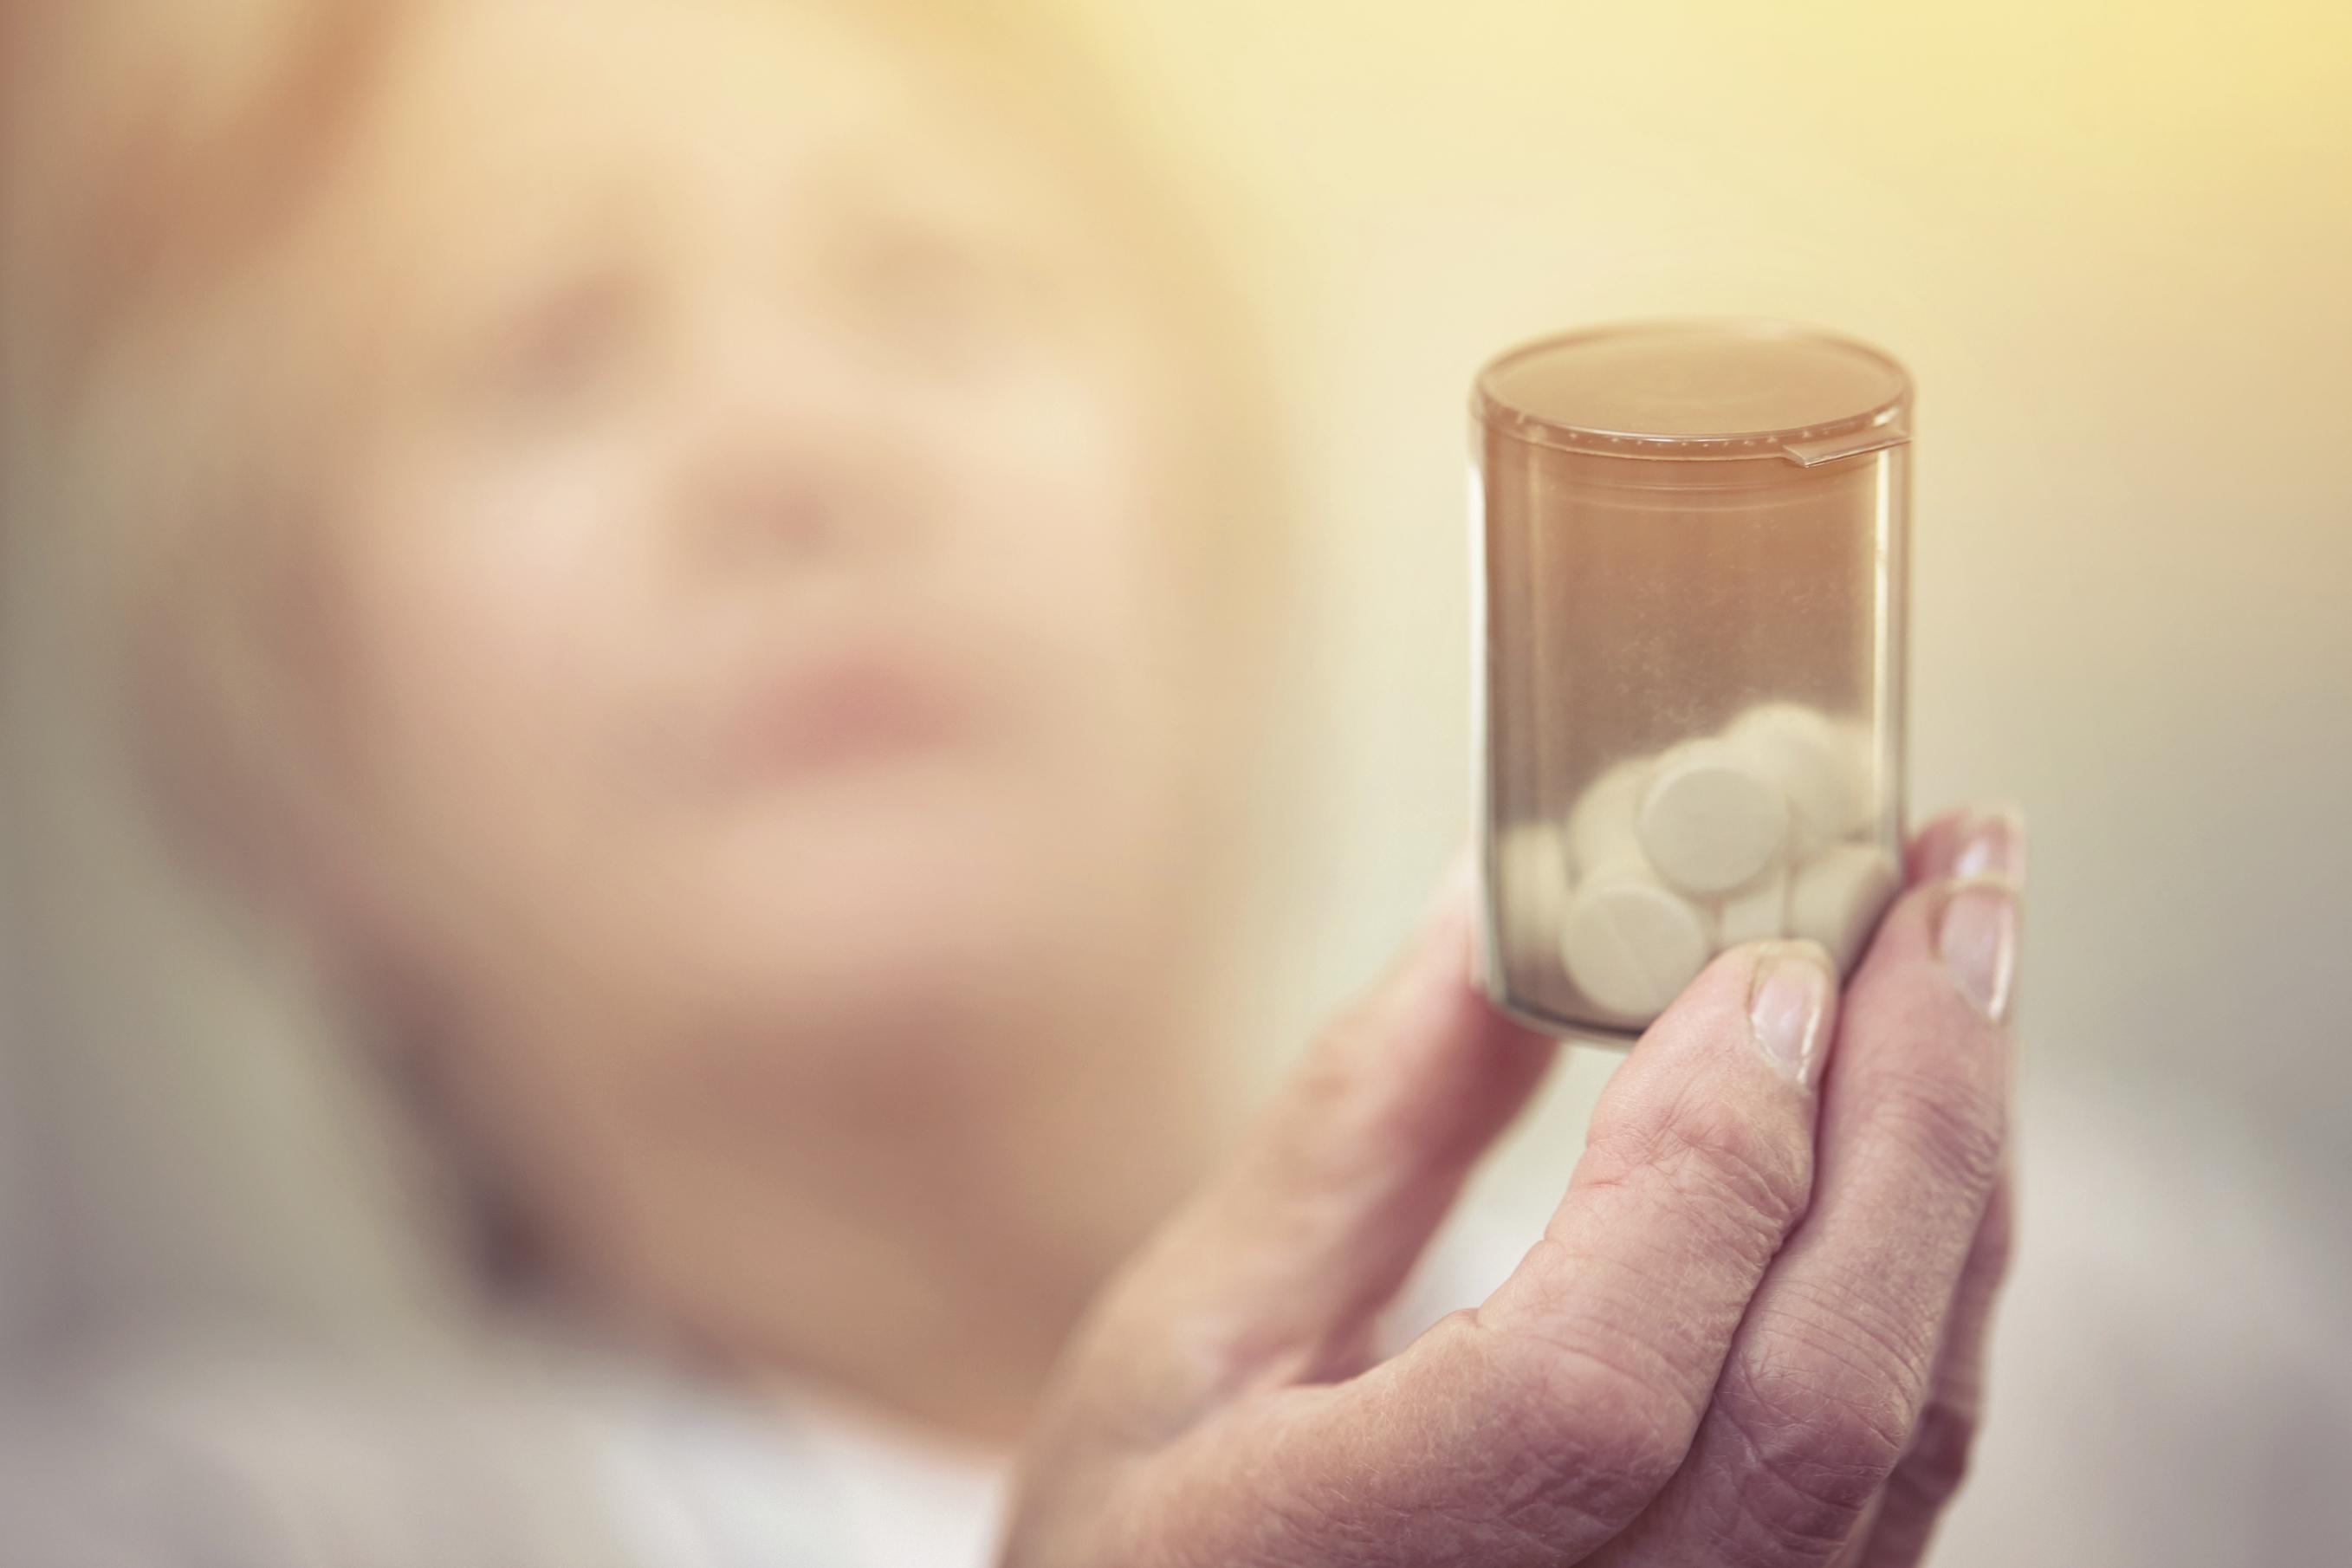 Do Prescription Painkillers Prolong Chronic Pain?